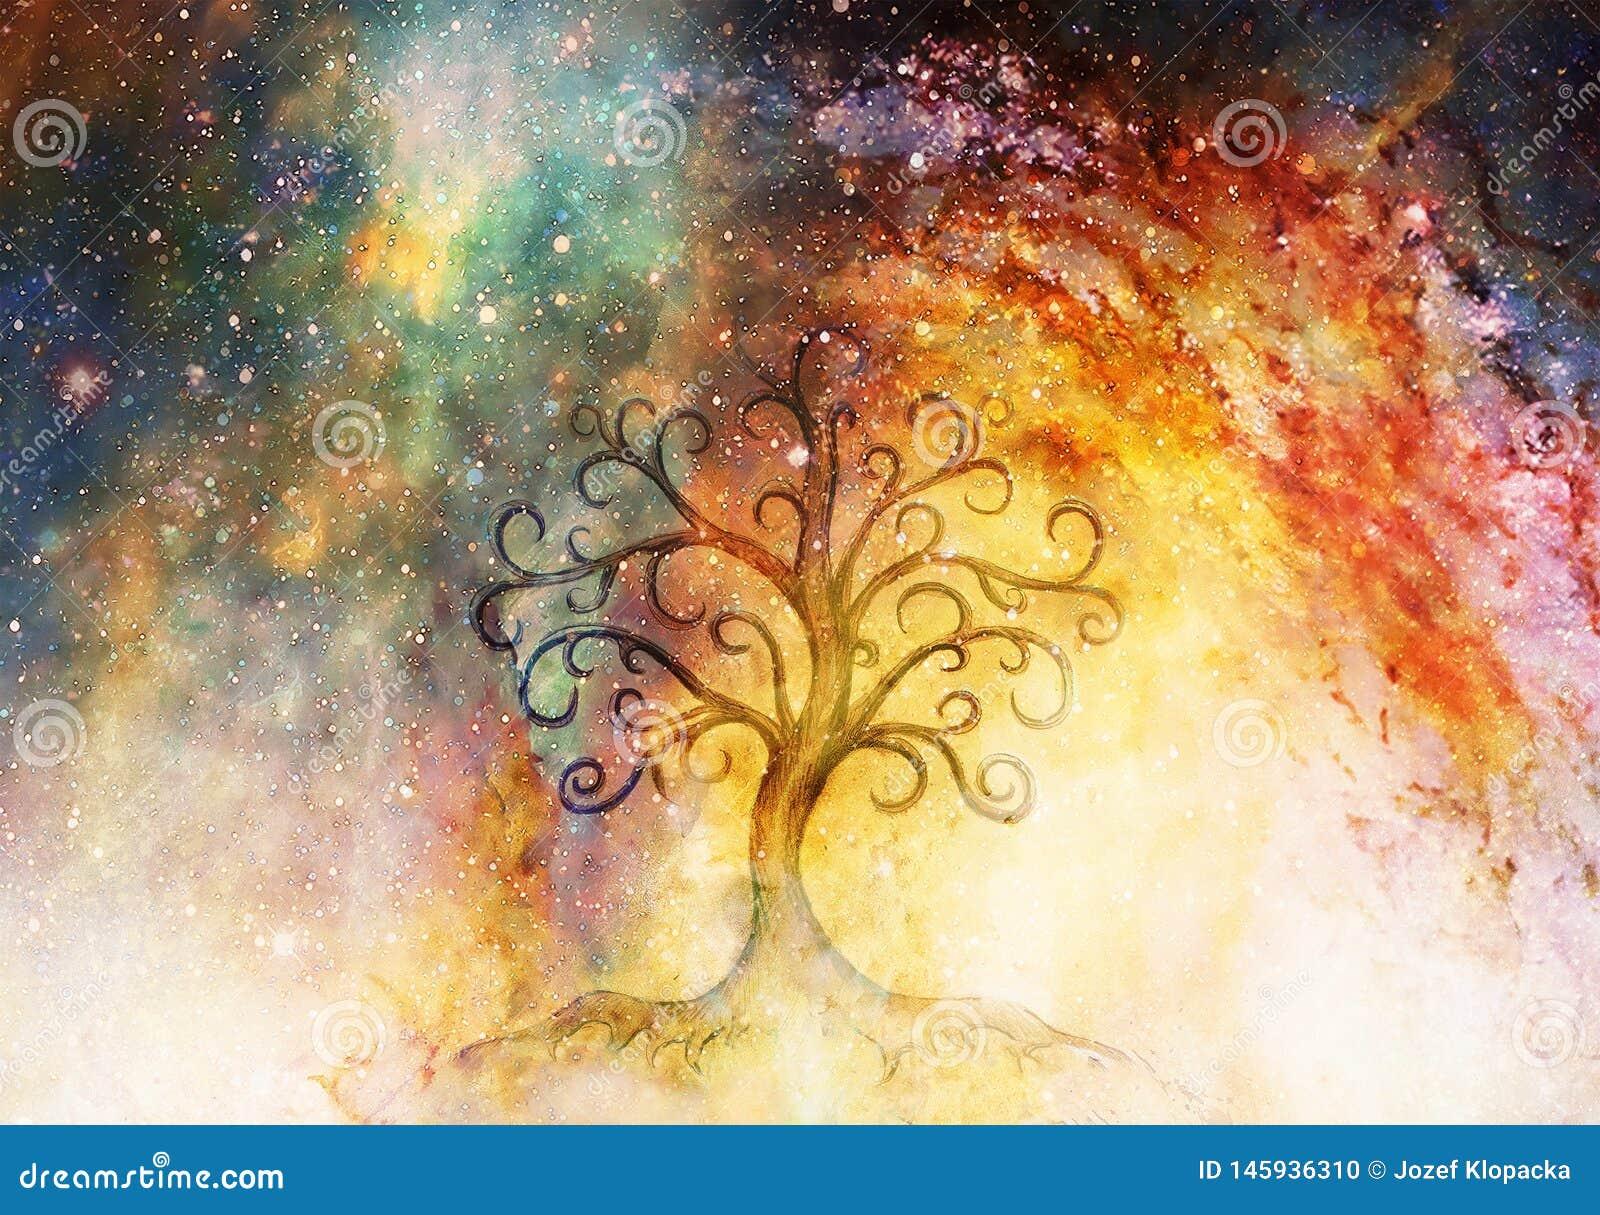 生物演化谱系图解在被构造的和空间背景,生活样式,yggdrasil花的标志